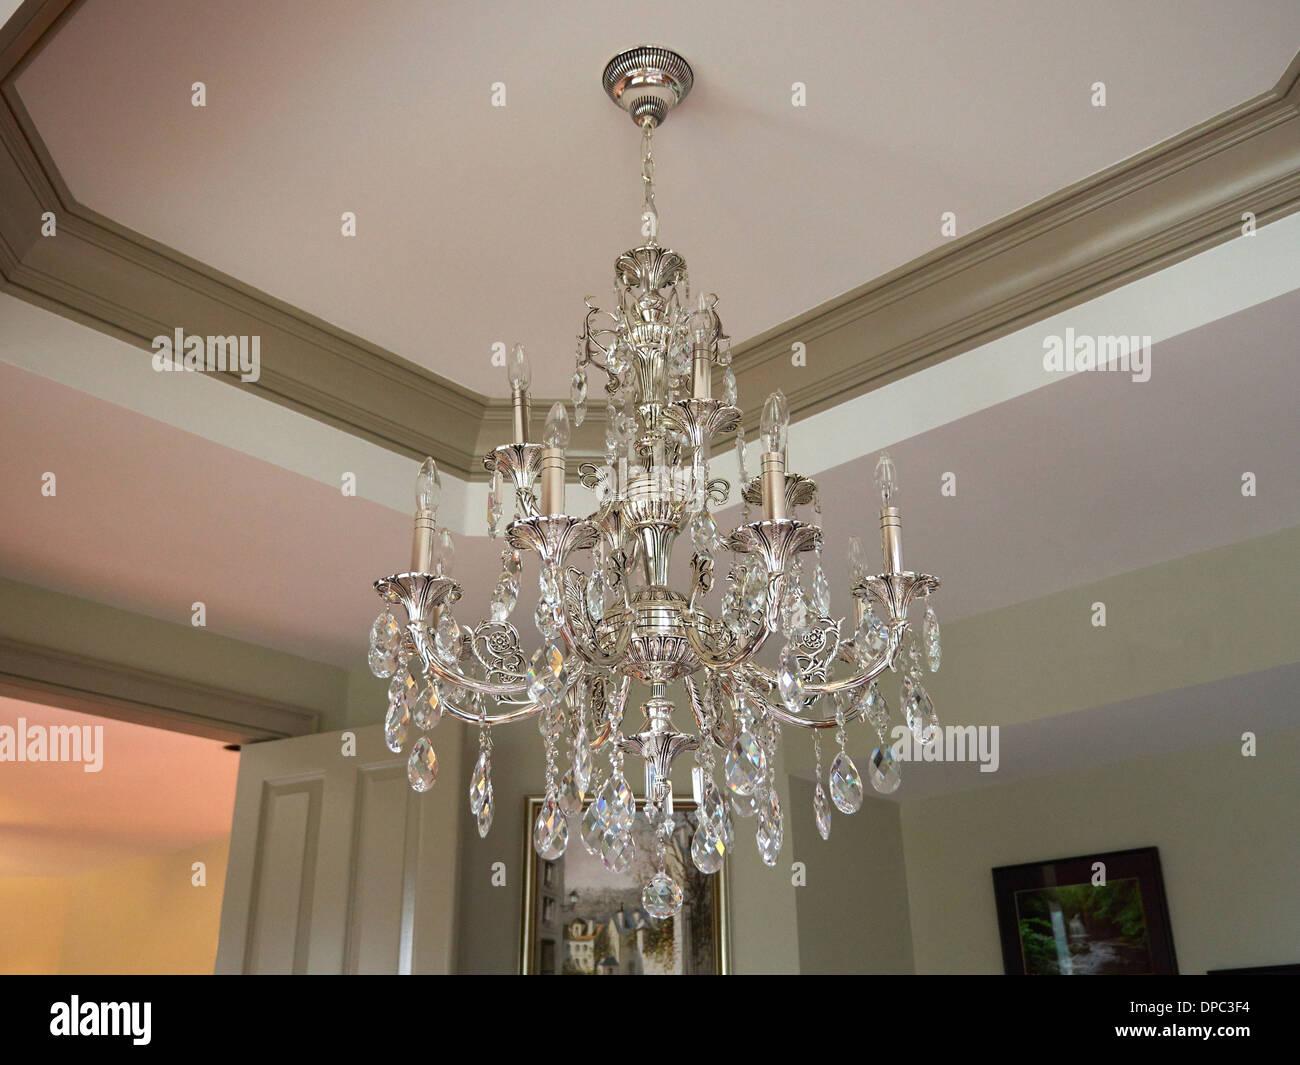 Kronleuchter Ohne Kristall ~ Silber und kristall traditionellen kronleuchter stockfoto bild